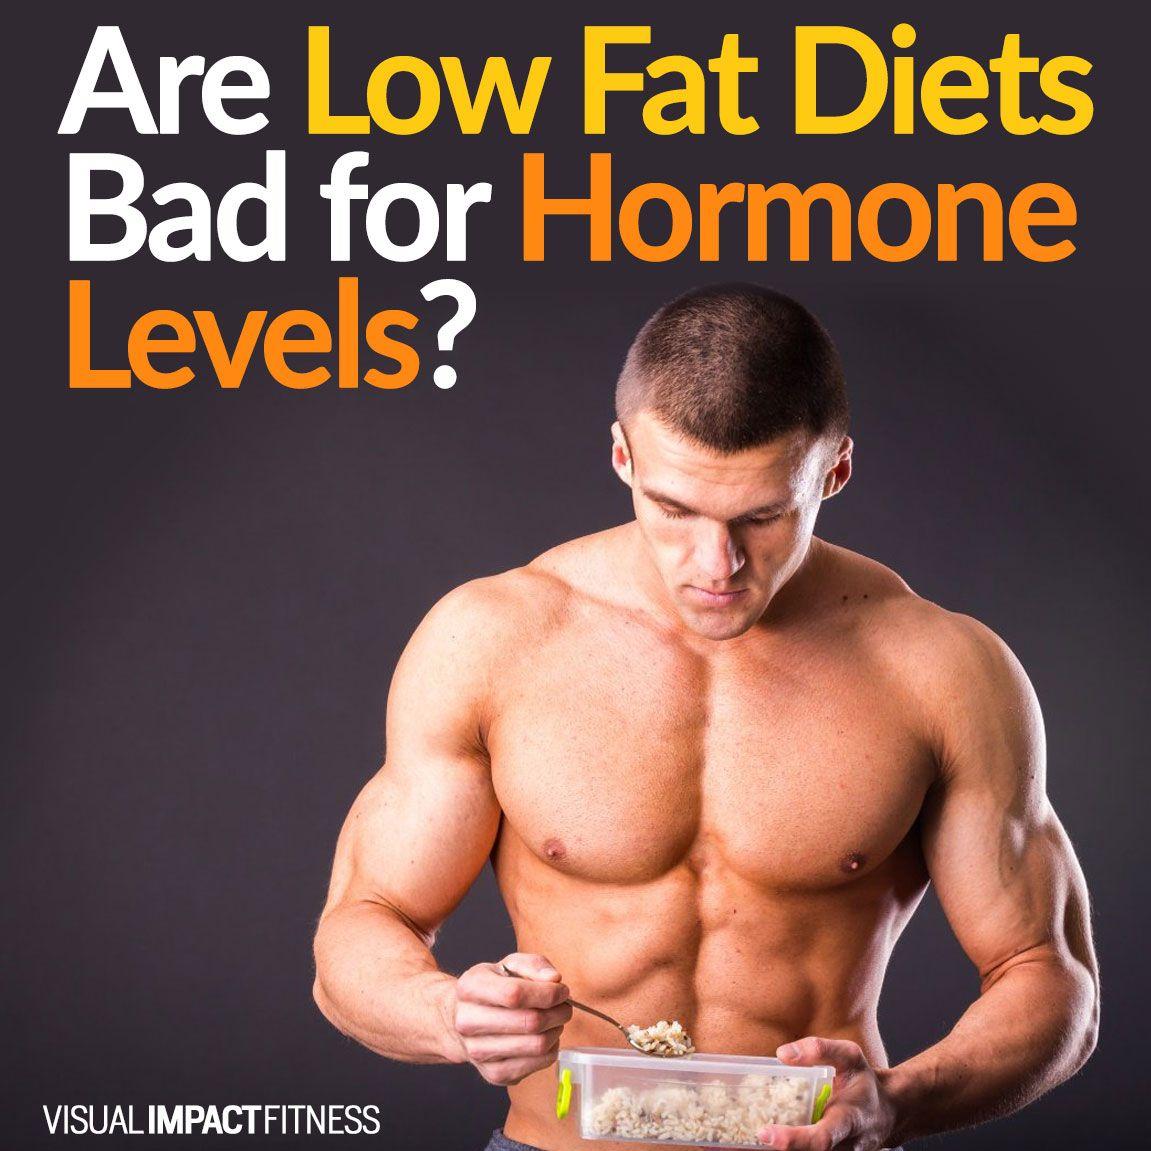 hormones low fat diet